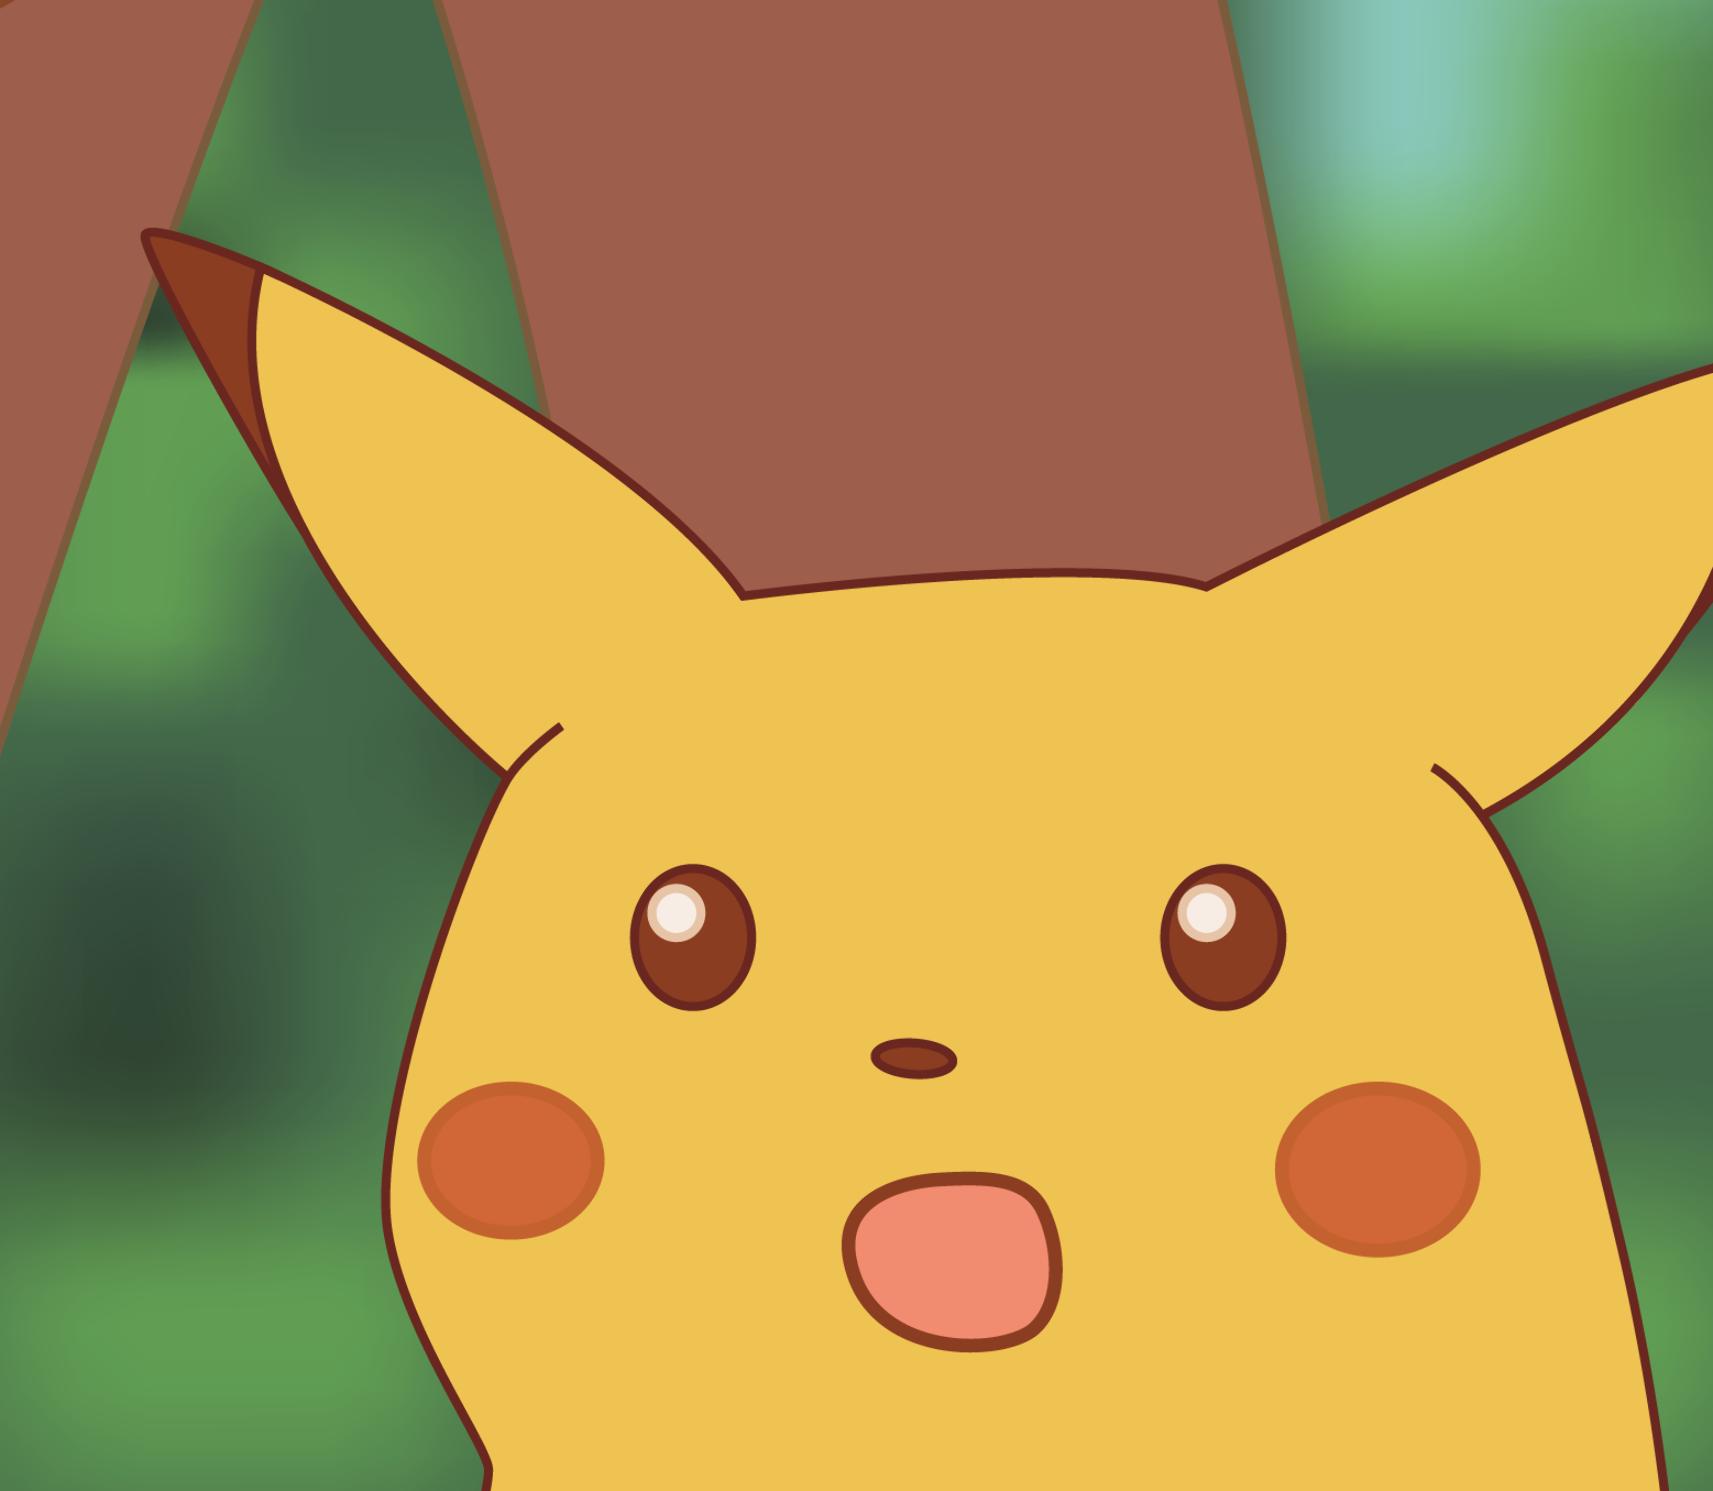 Hd Version Surprised Pikachu Know Your Meme Pikachu Memy Risovat